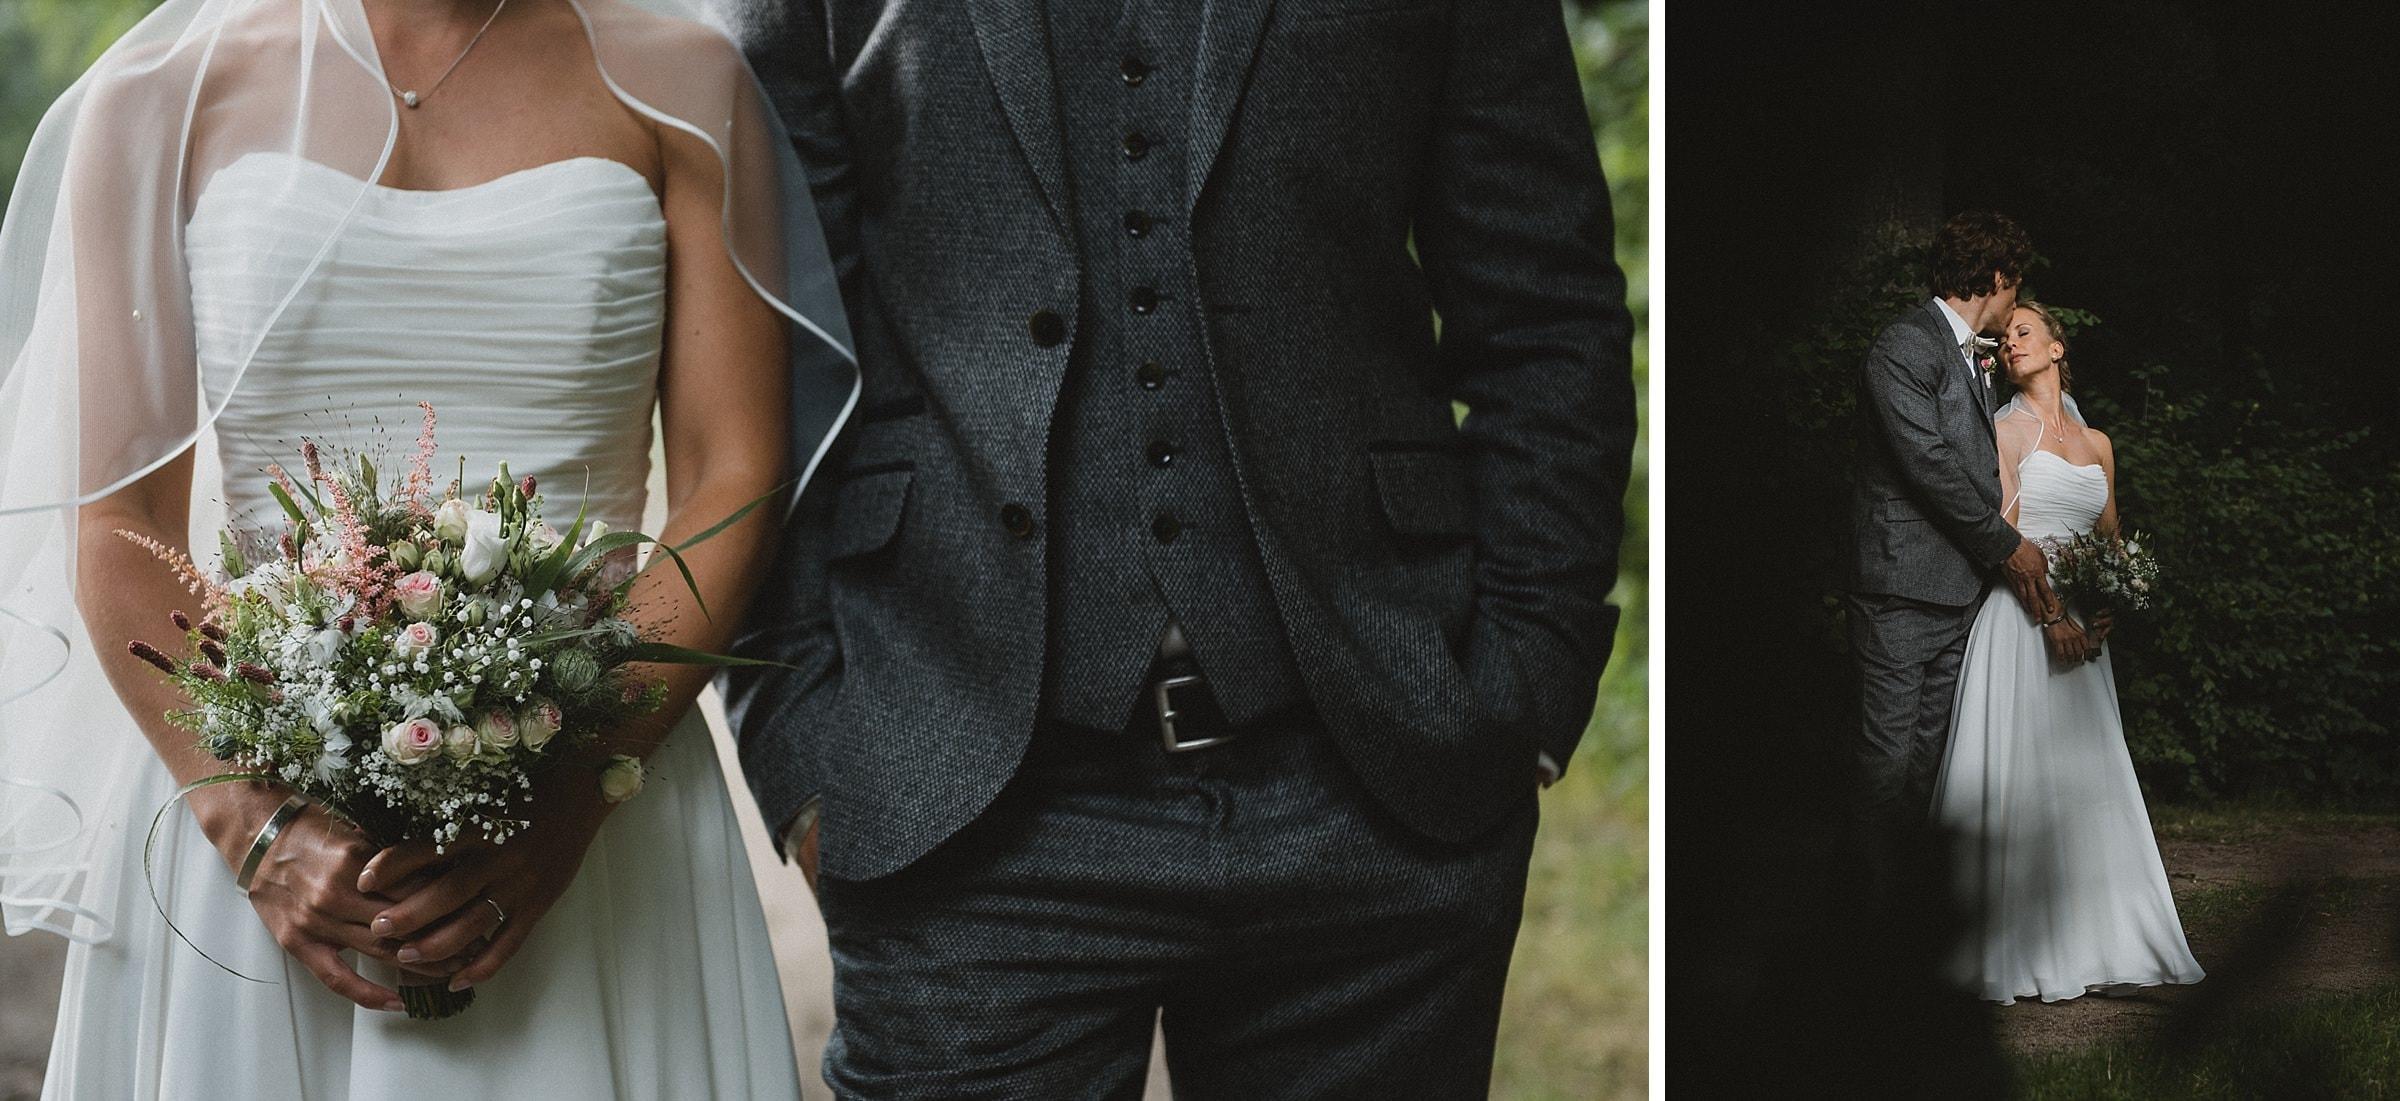 Hochzeitsfotografie-Frau-Siemers-Hof Weihe-Portrait Brautpaar